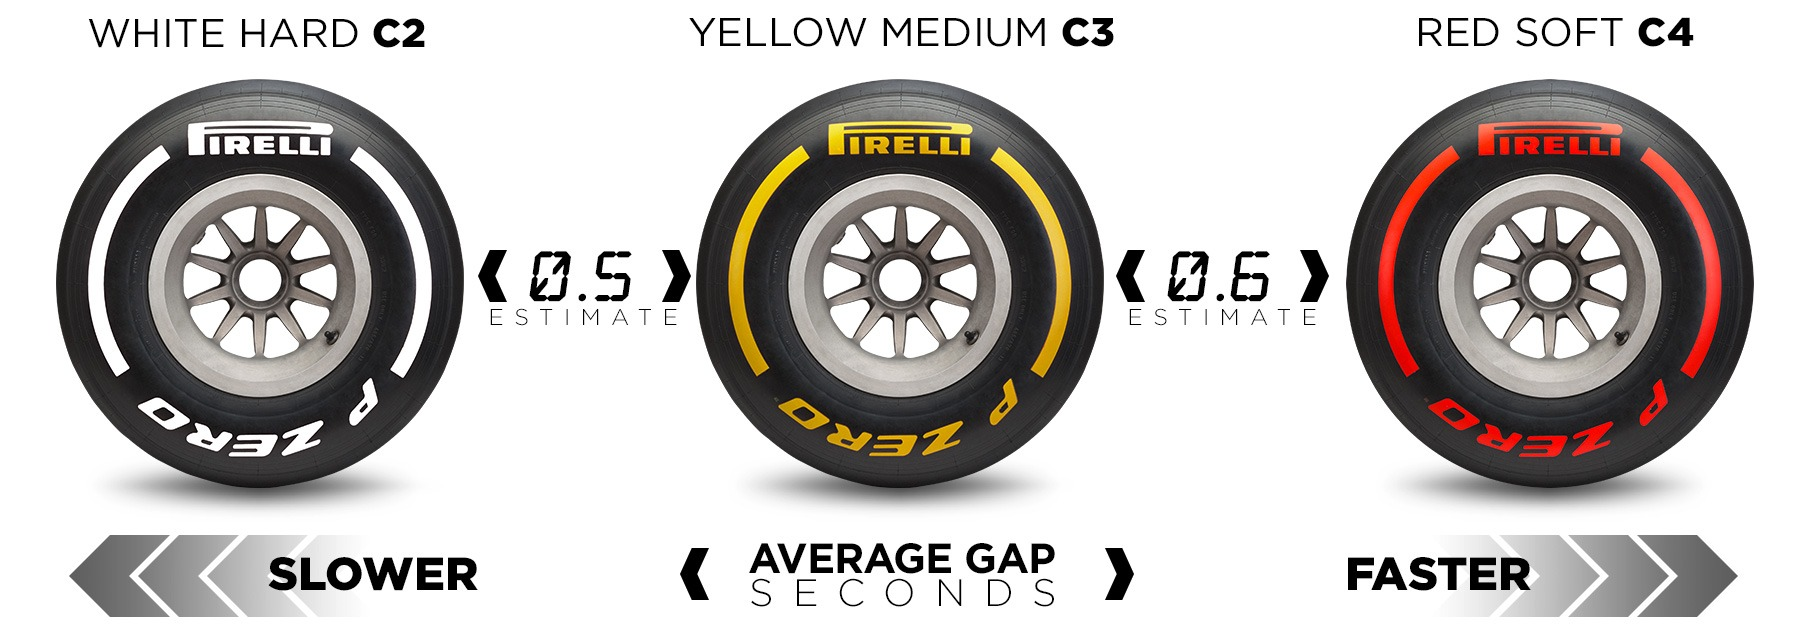 2020 Emilia Romagna F1 GP Race Strategy